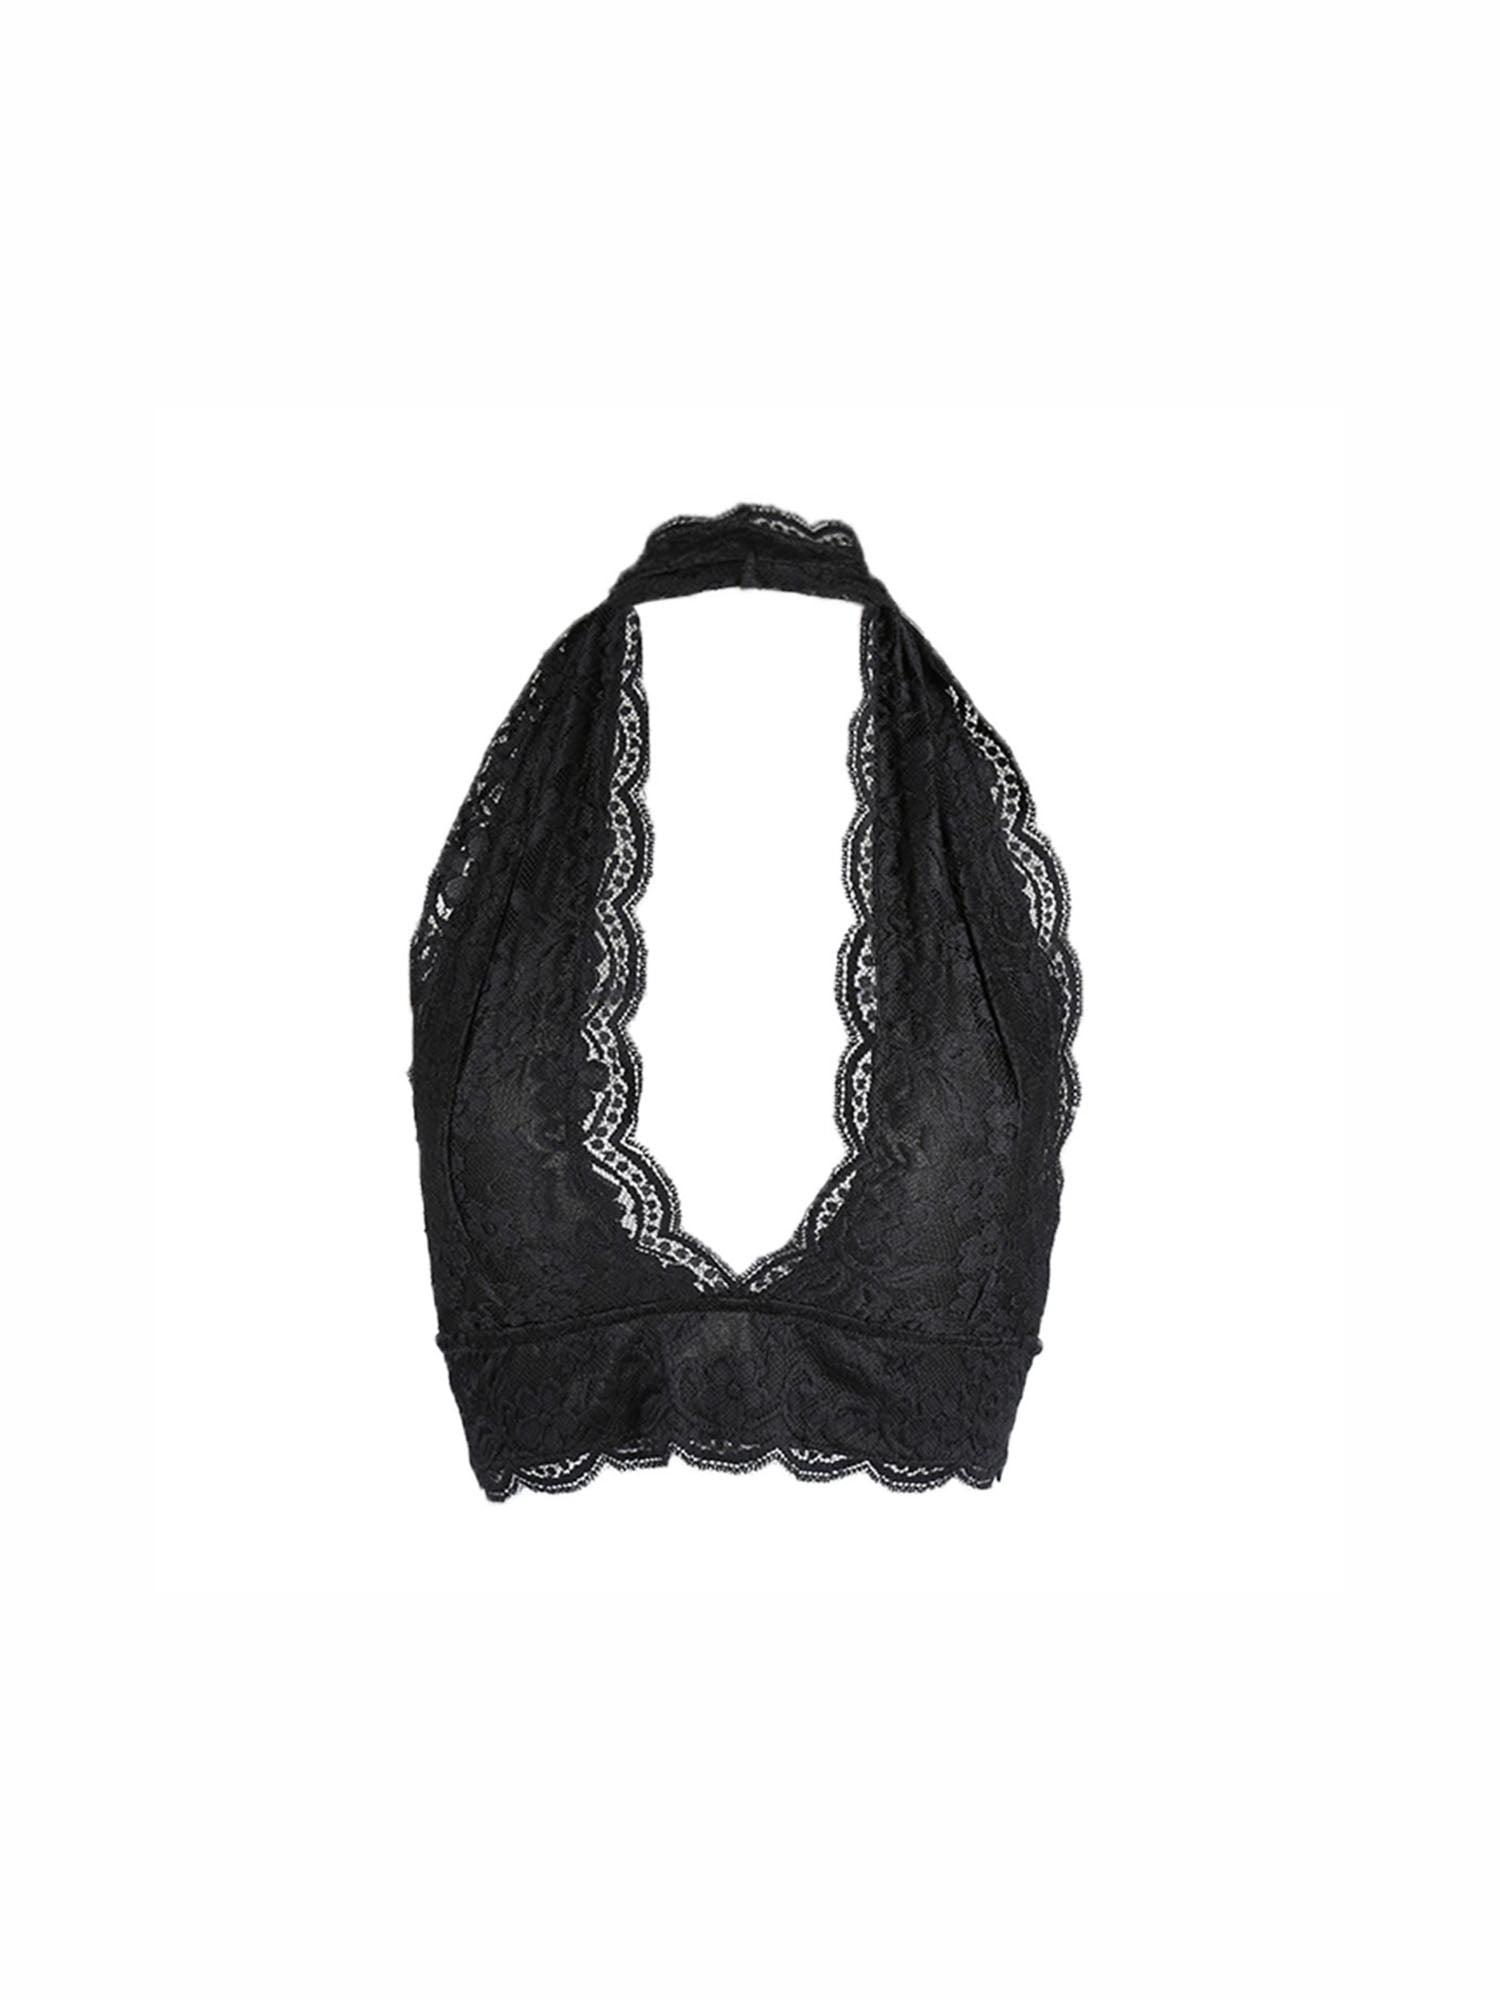 8109f2515d96c Unique Bargains Women s Scalloped Unpadded Lace Halter Crop ...